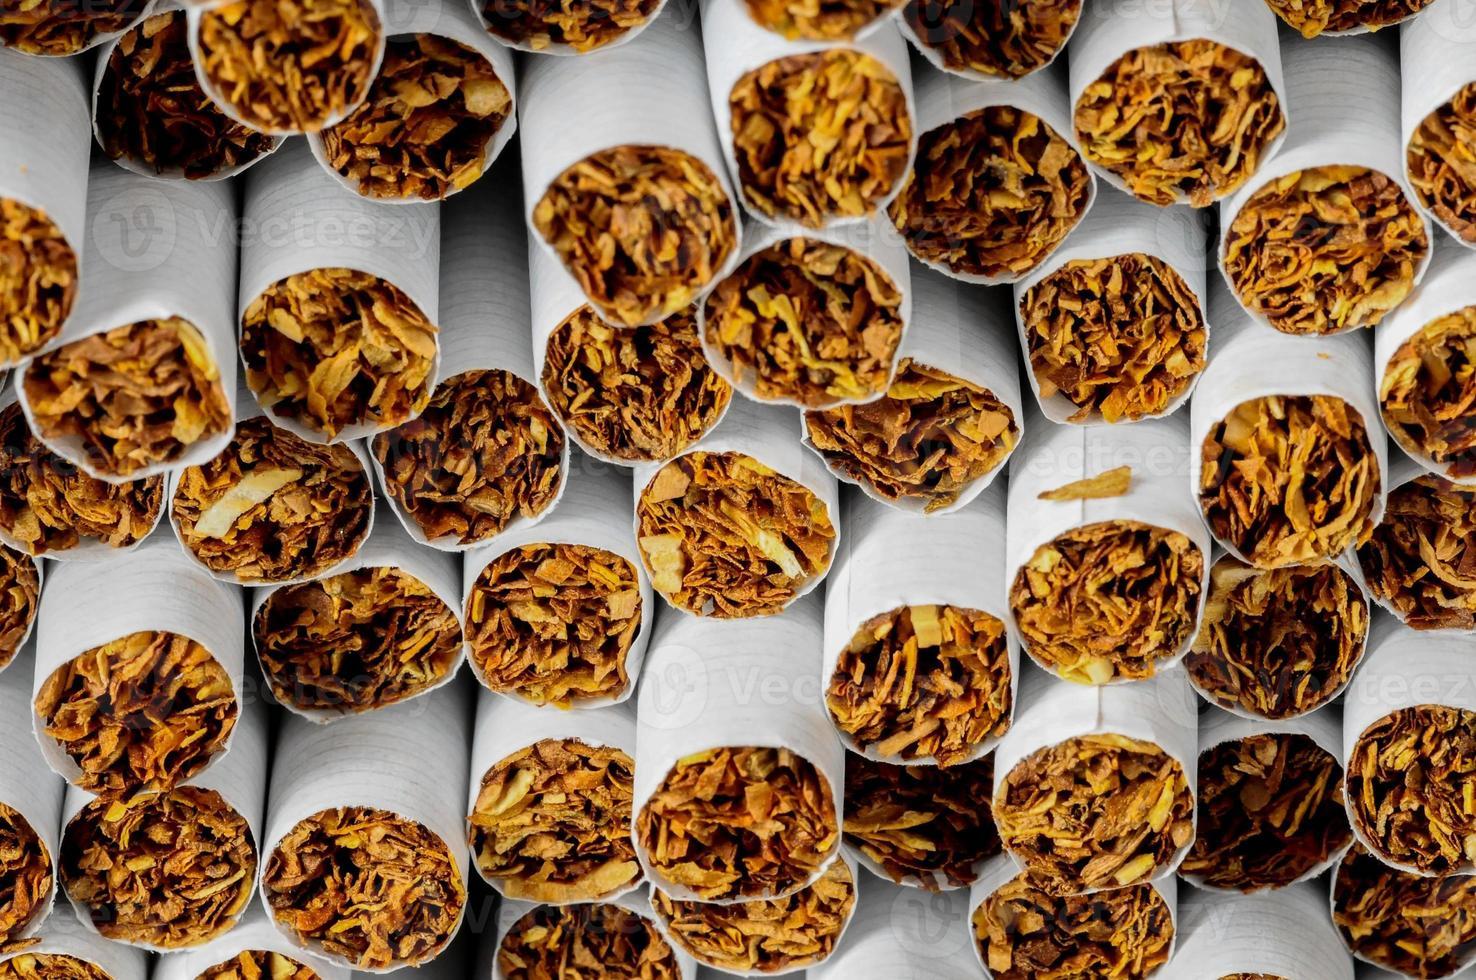 indústria do tabaco foto